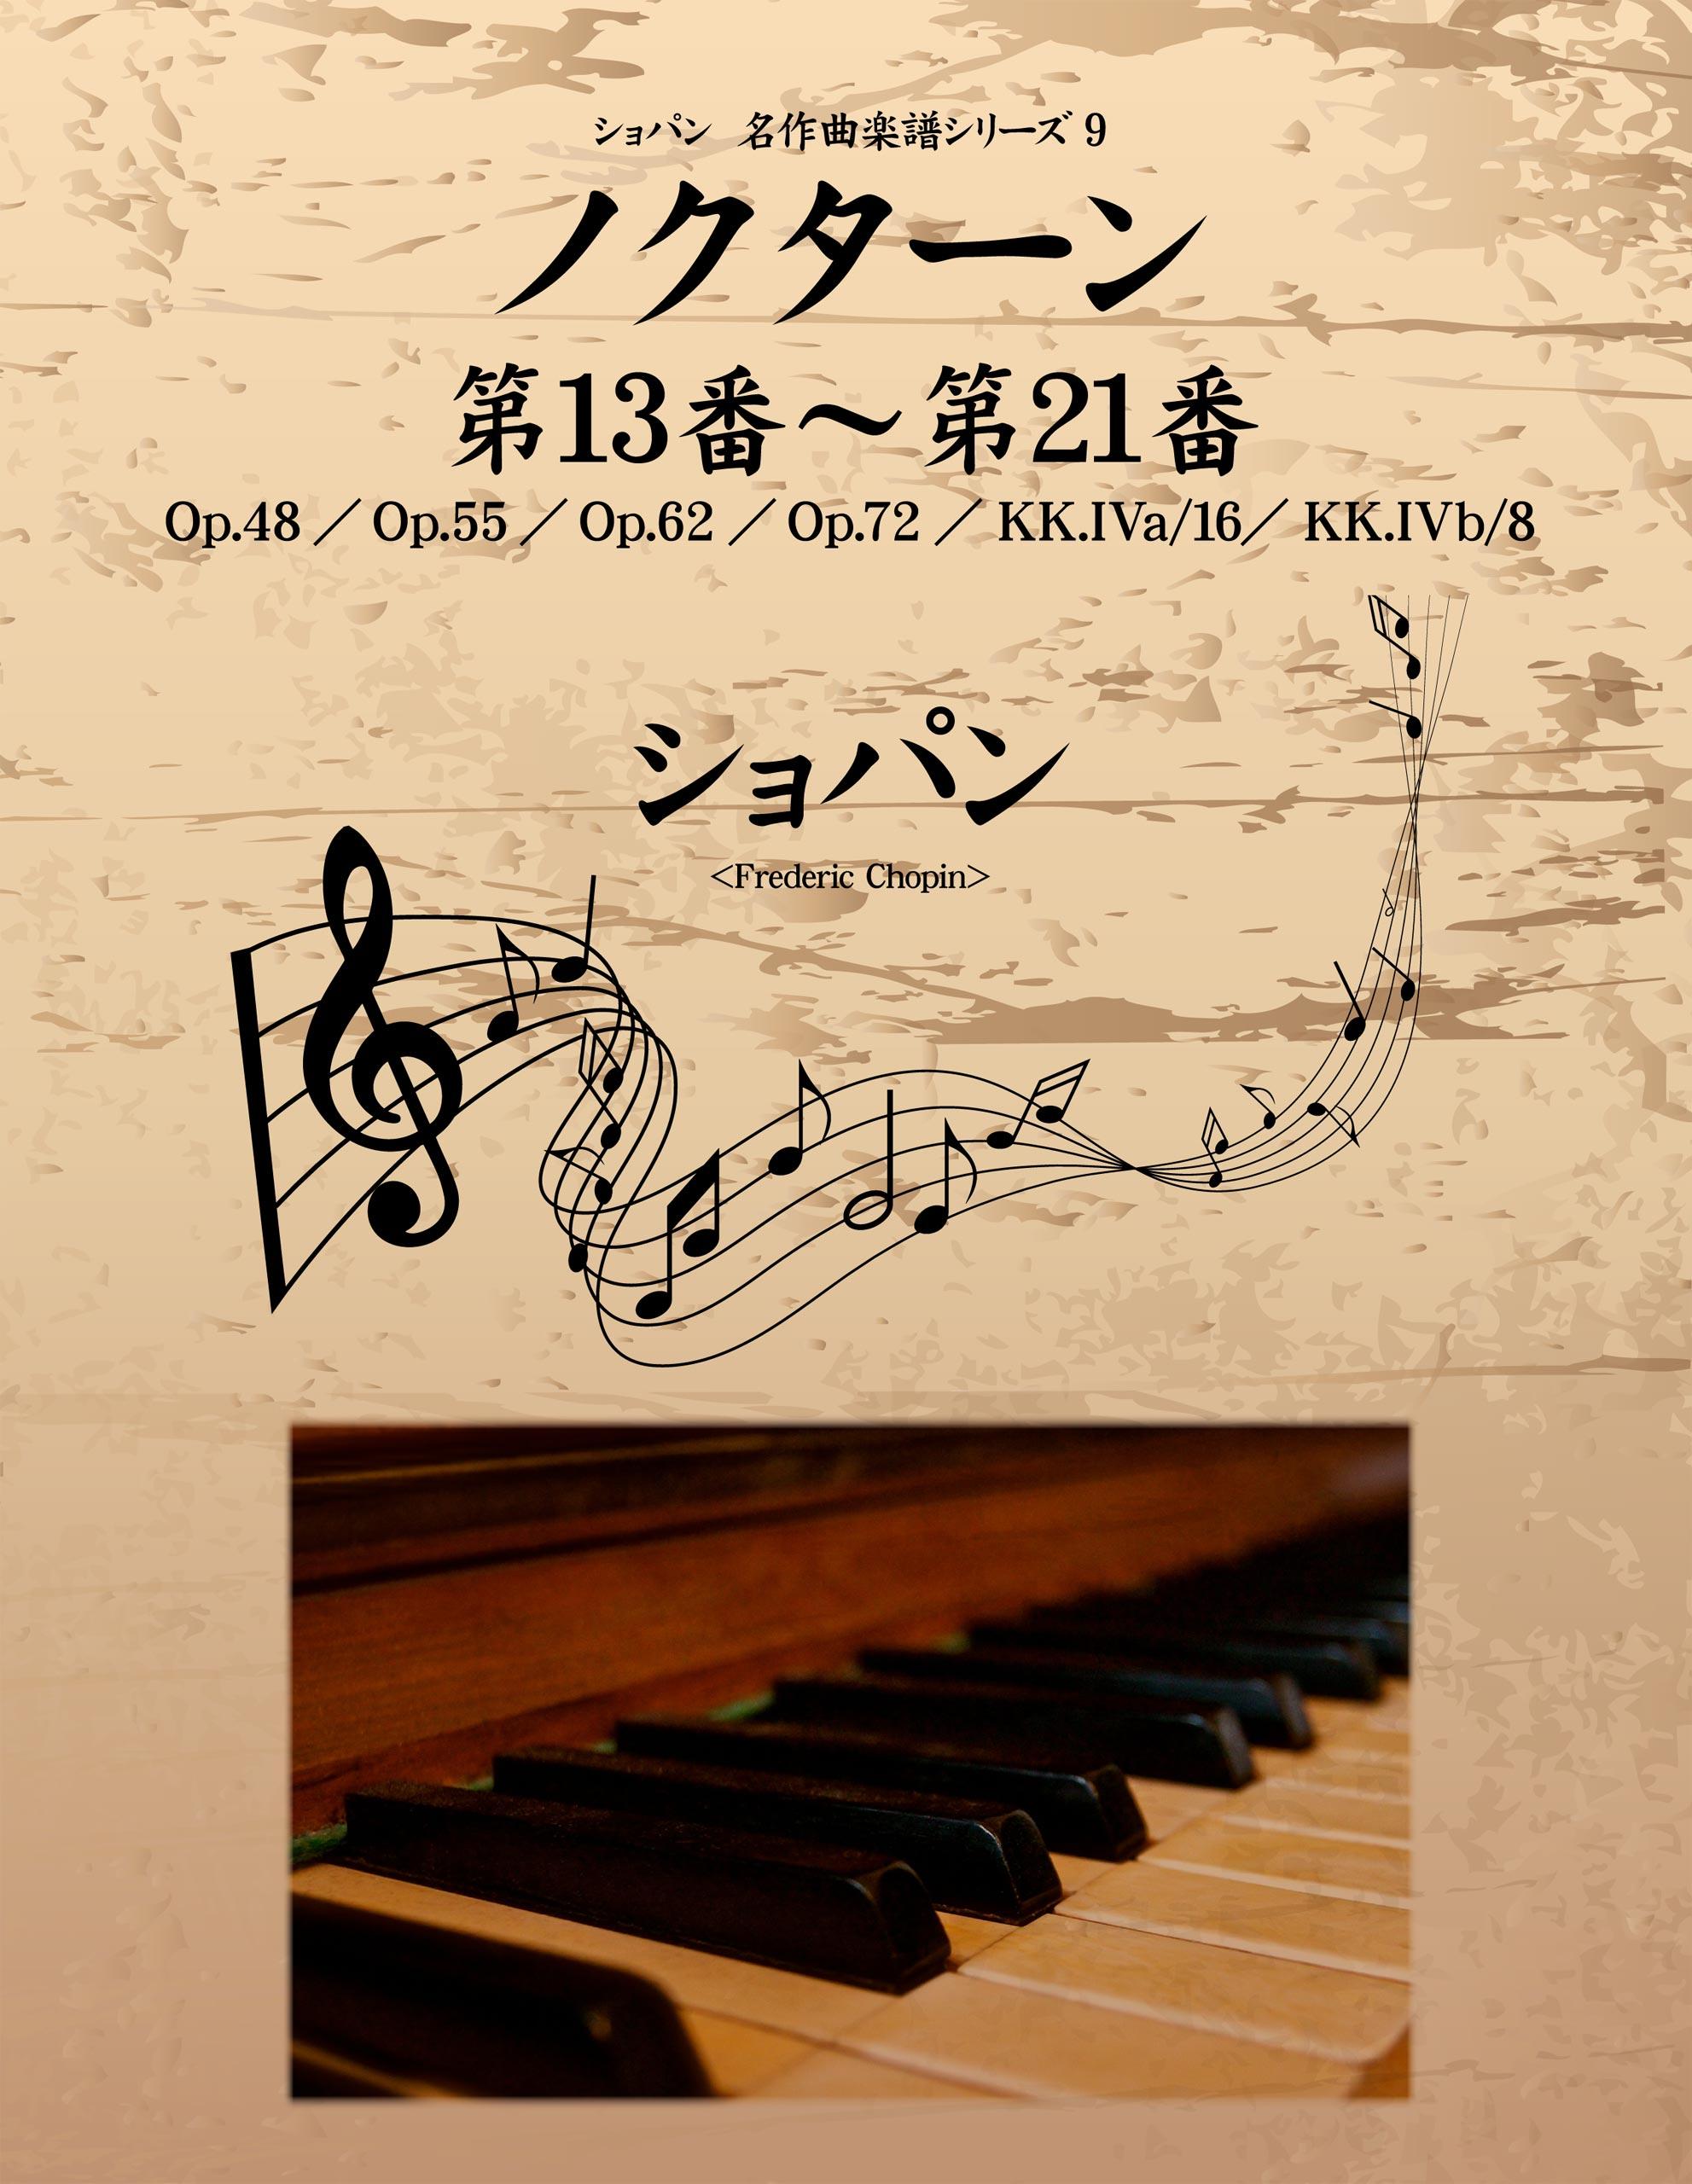 ショパン 名作曲楽譜シリーズ9 ノクターン第13番~第21番 Op.48/Op.55/Op.62/Op.72/KK.IVa/16/KK.IVb/8